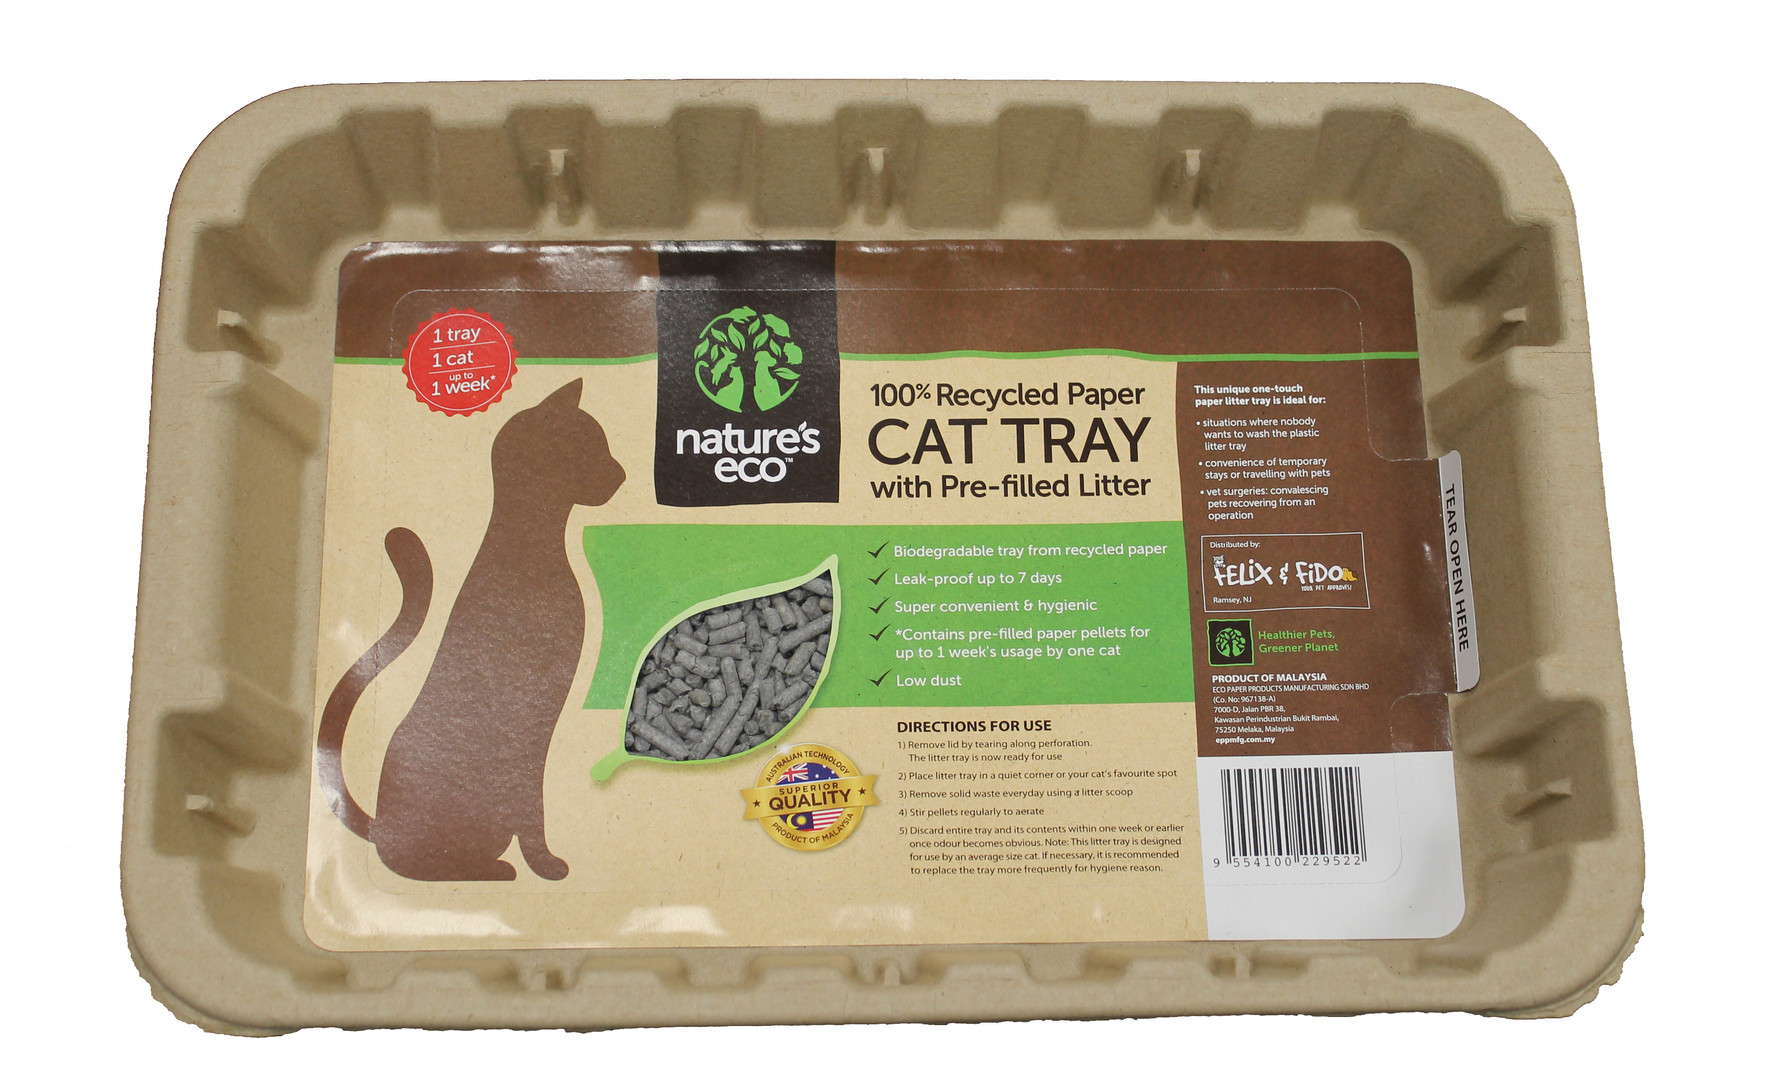 Cat tray